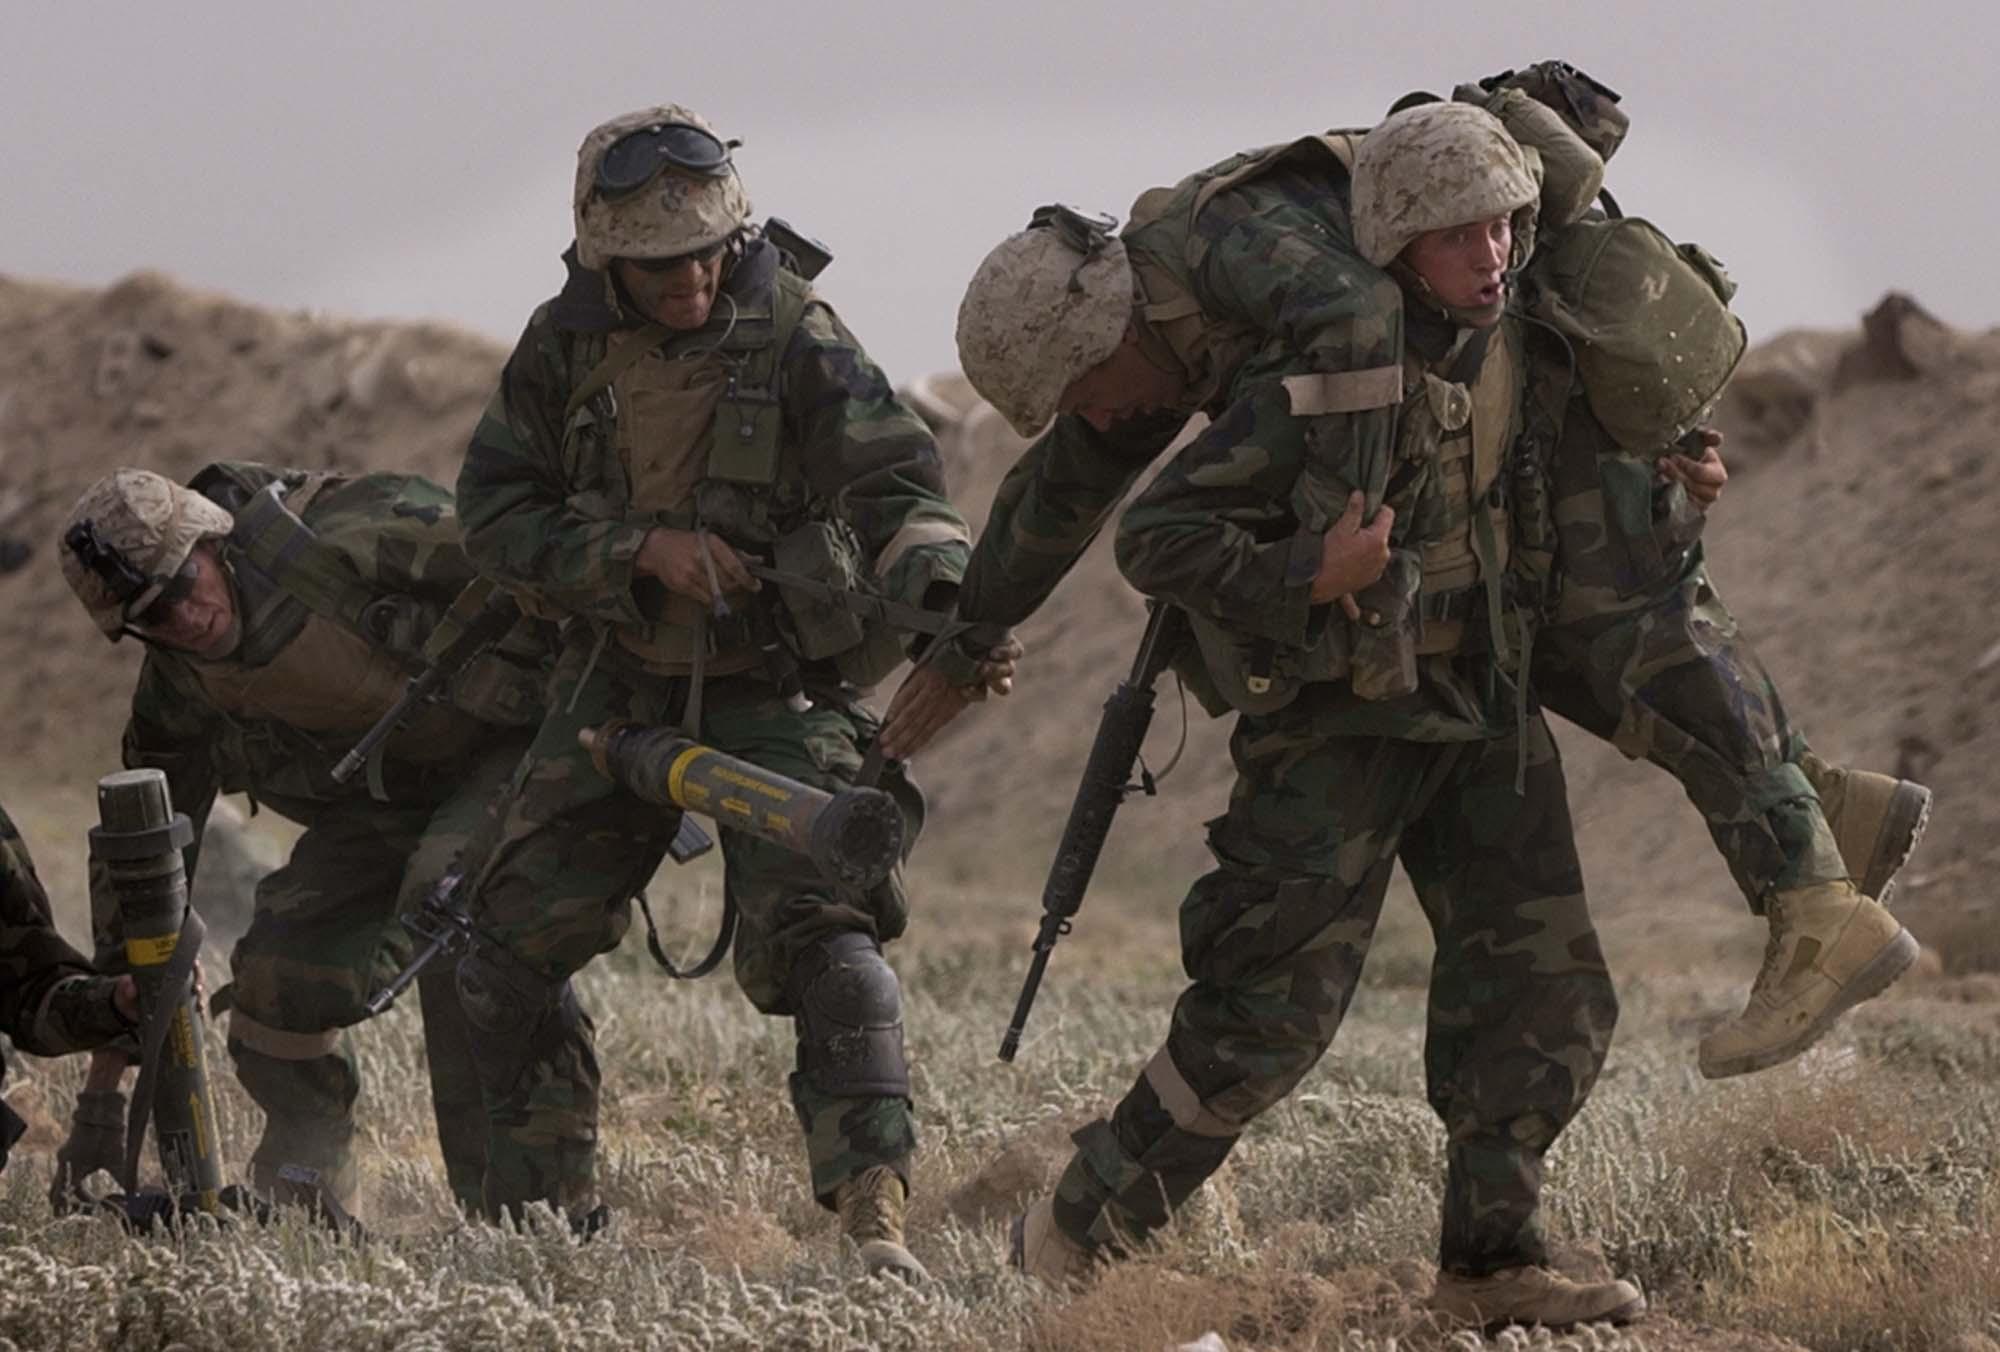 'Operación Libertad Iraquí': La invasión en busca de unas armas de destrucción masiva que Saddam Hussein no tenía